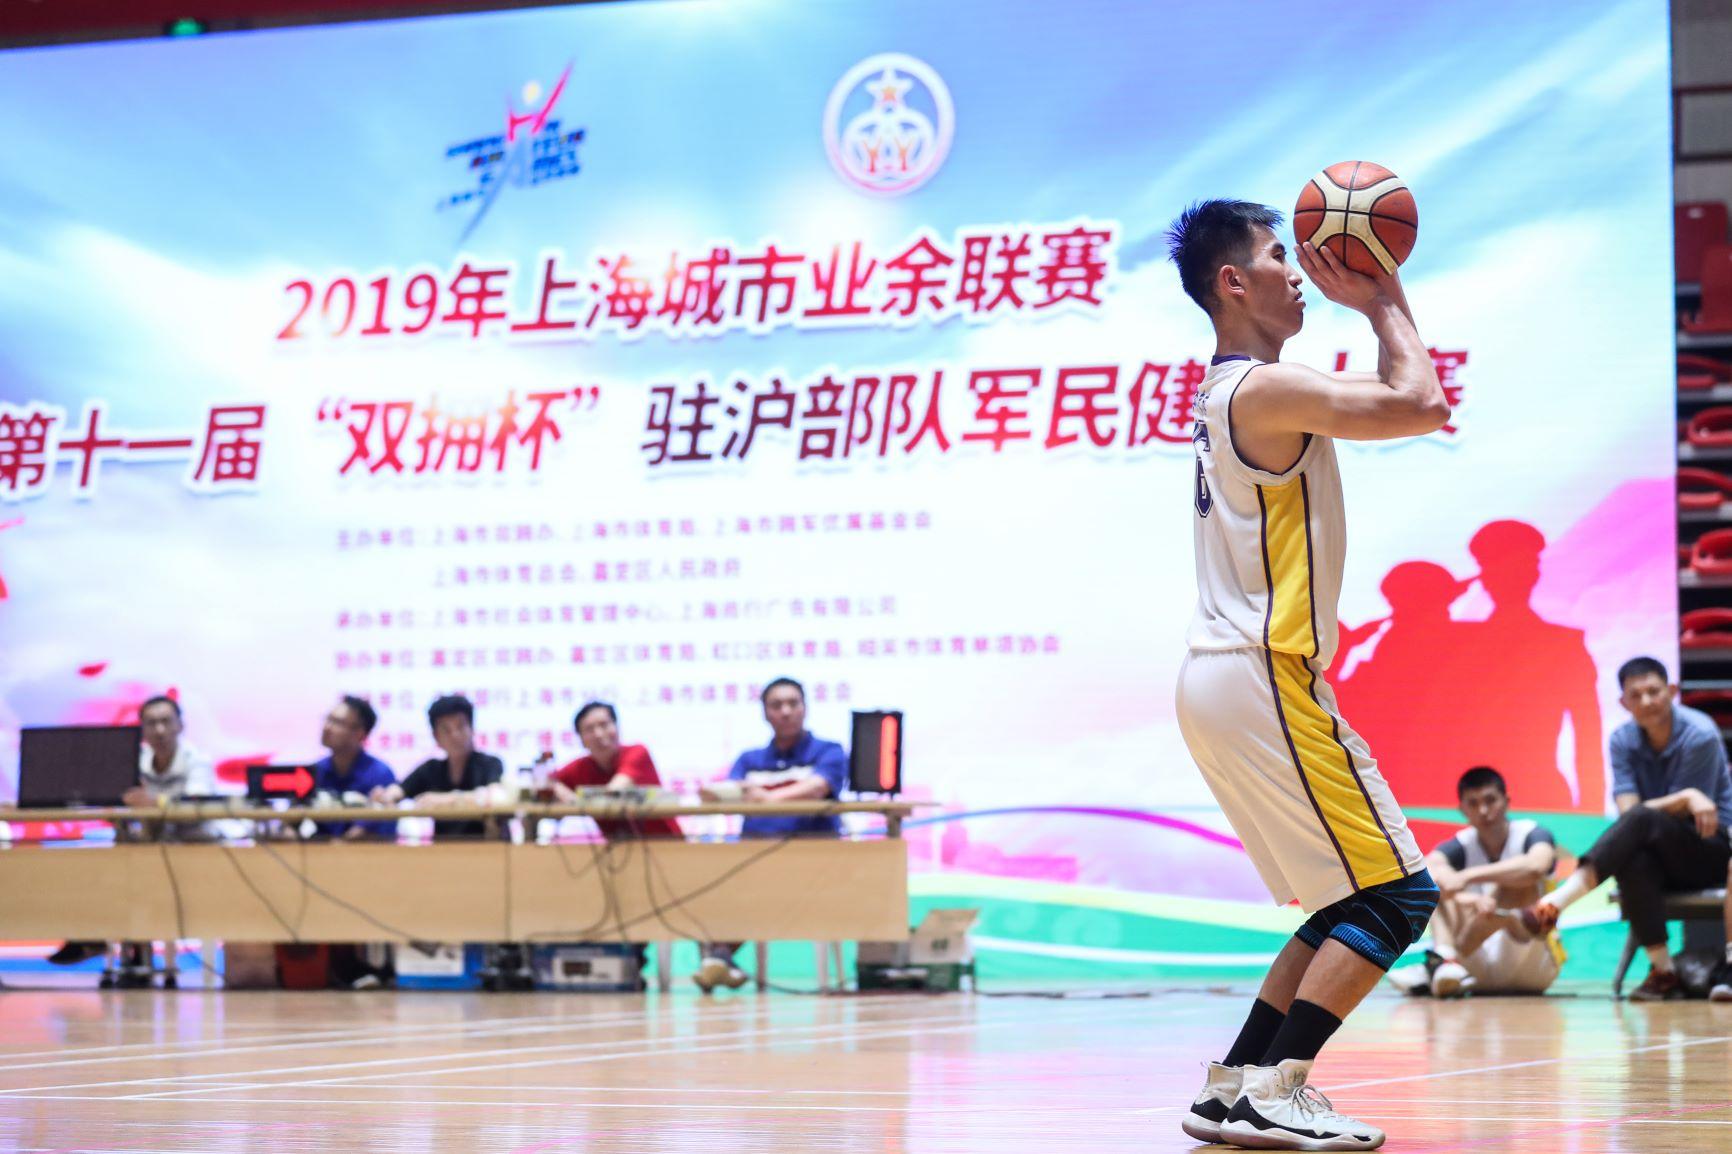 190714 上海城市业余联赛双拥杯决赛颁奖仪式_5.JPG